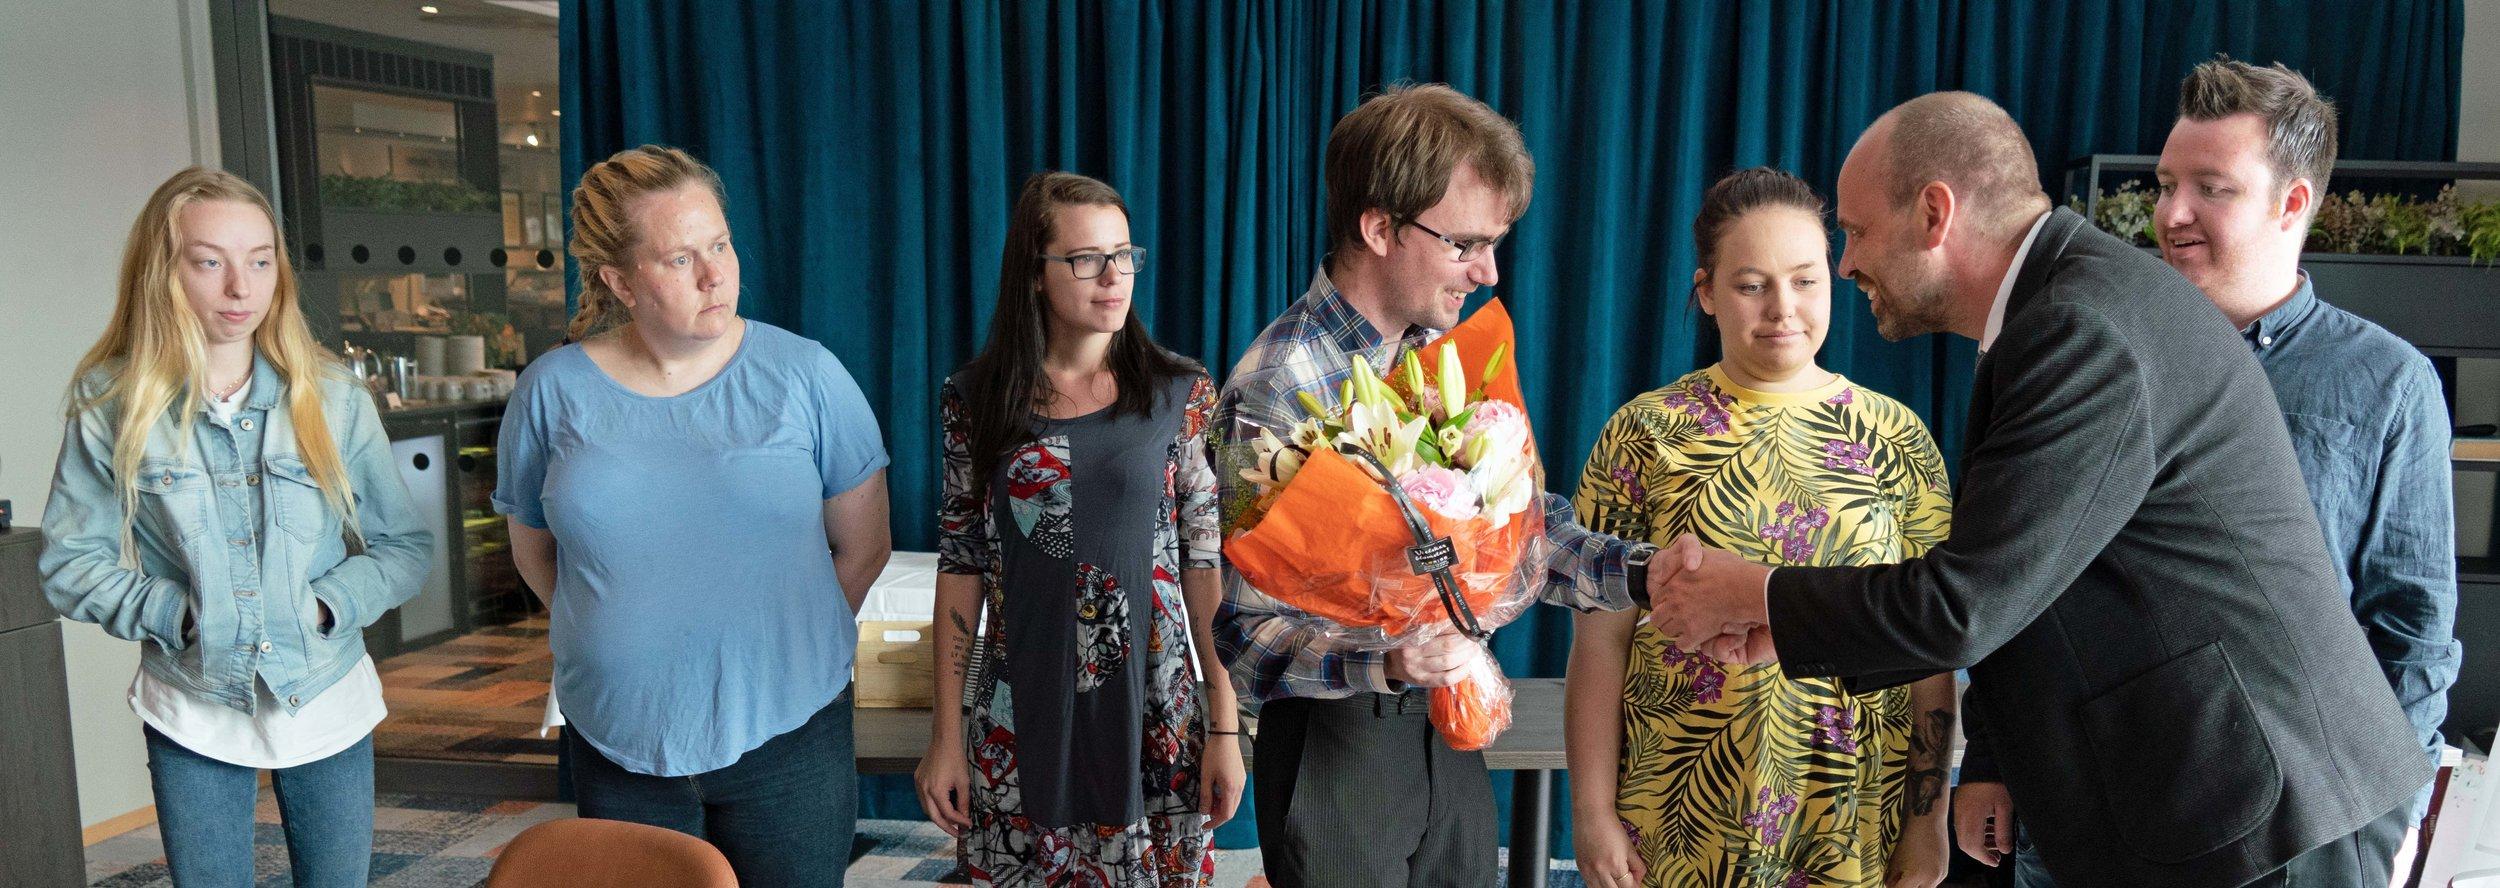 Fra venstre: Marlinn B. Thomsen (Charlottenlund helse- og velferdssenter), Marianne Lindgaard Ristad (Scandic Hell), Sonja Nathalie Johansen (Havstein helse- og velferdssenter), Adrian Erlandsen (Scandic Lerkendal), Tiril Alnæs Kvam (Scandic Bakklandet), Arild Grande (Stortinget) og Robert Norli Hamnes (Scandic Nidelven)